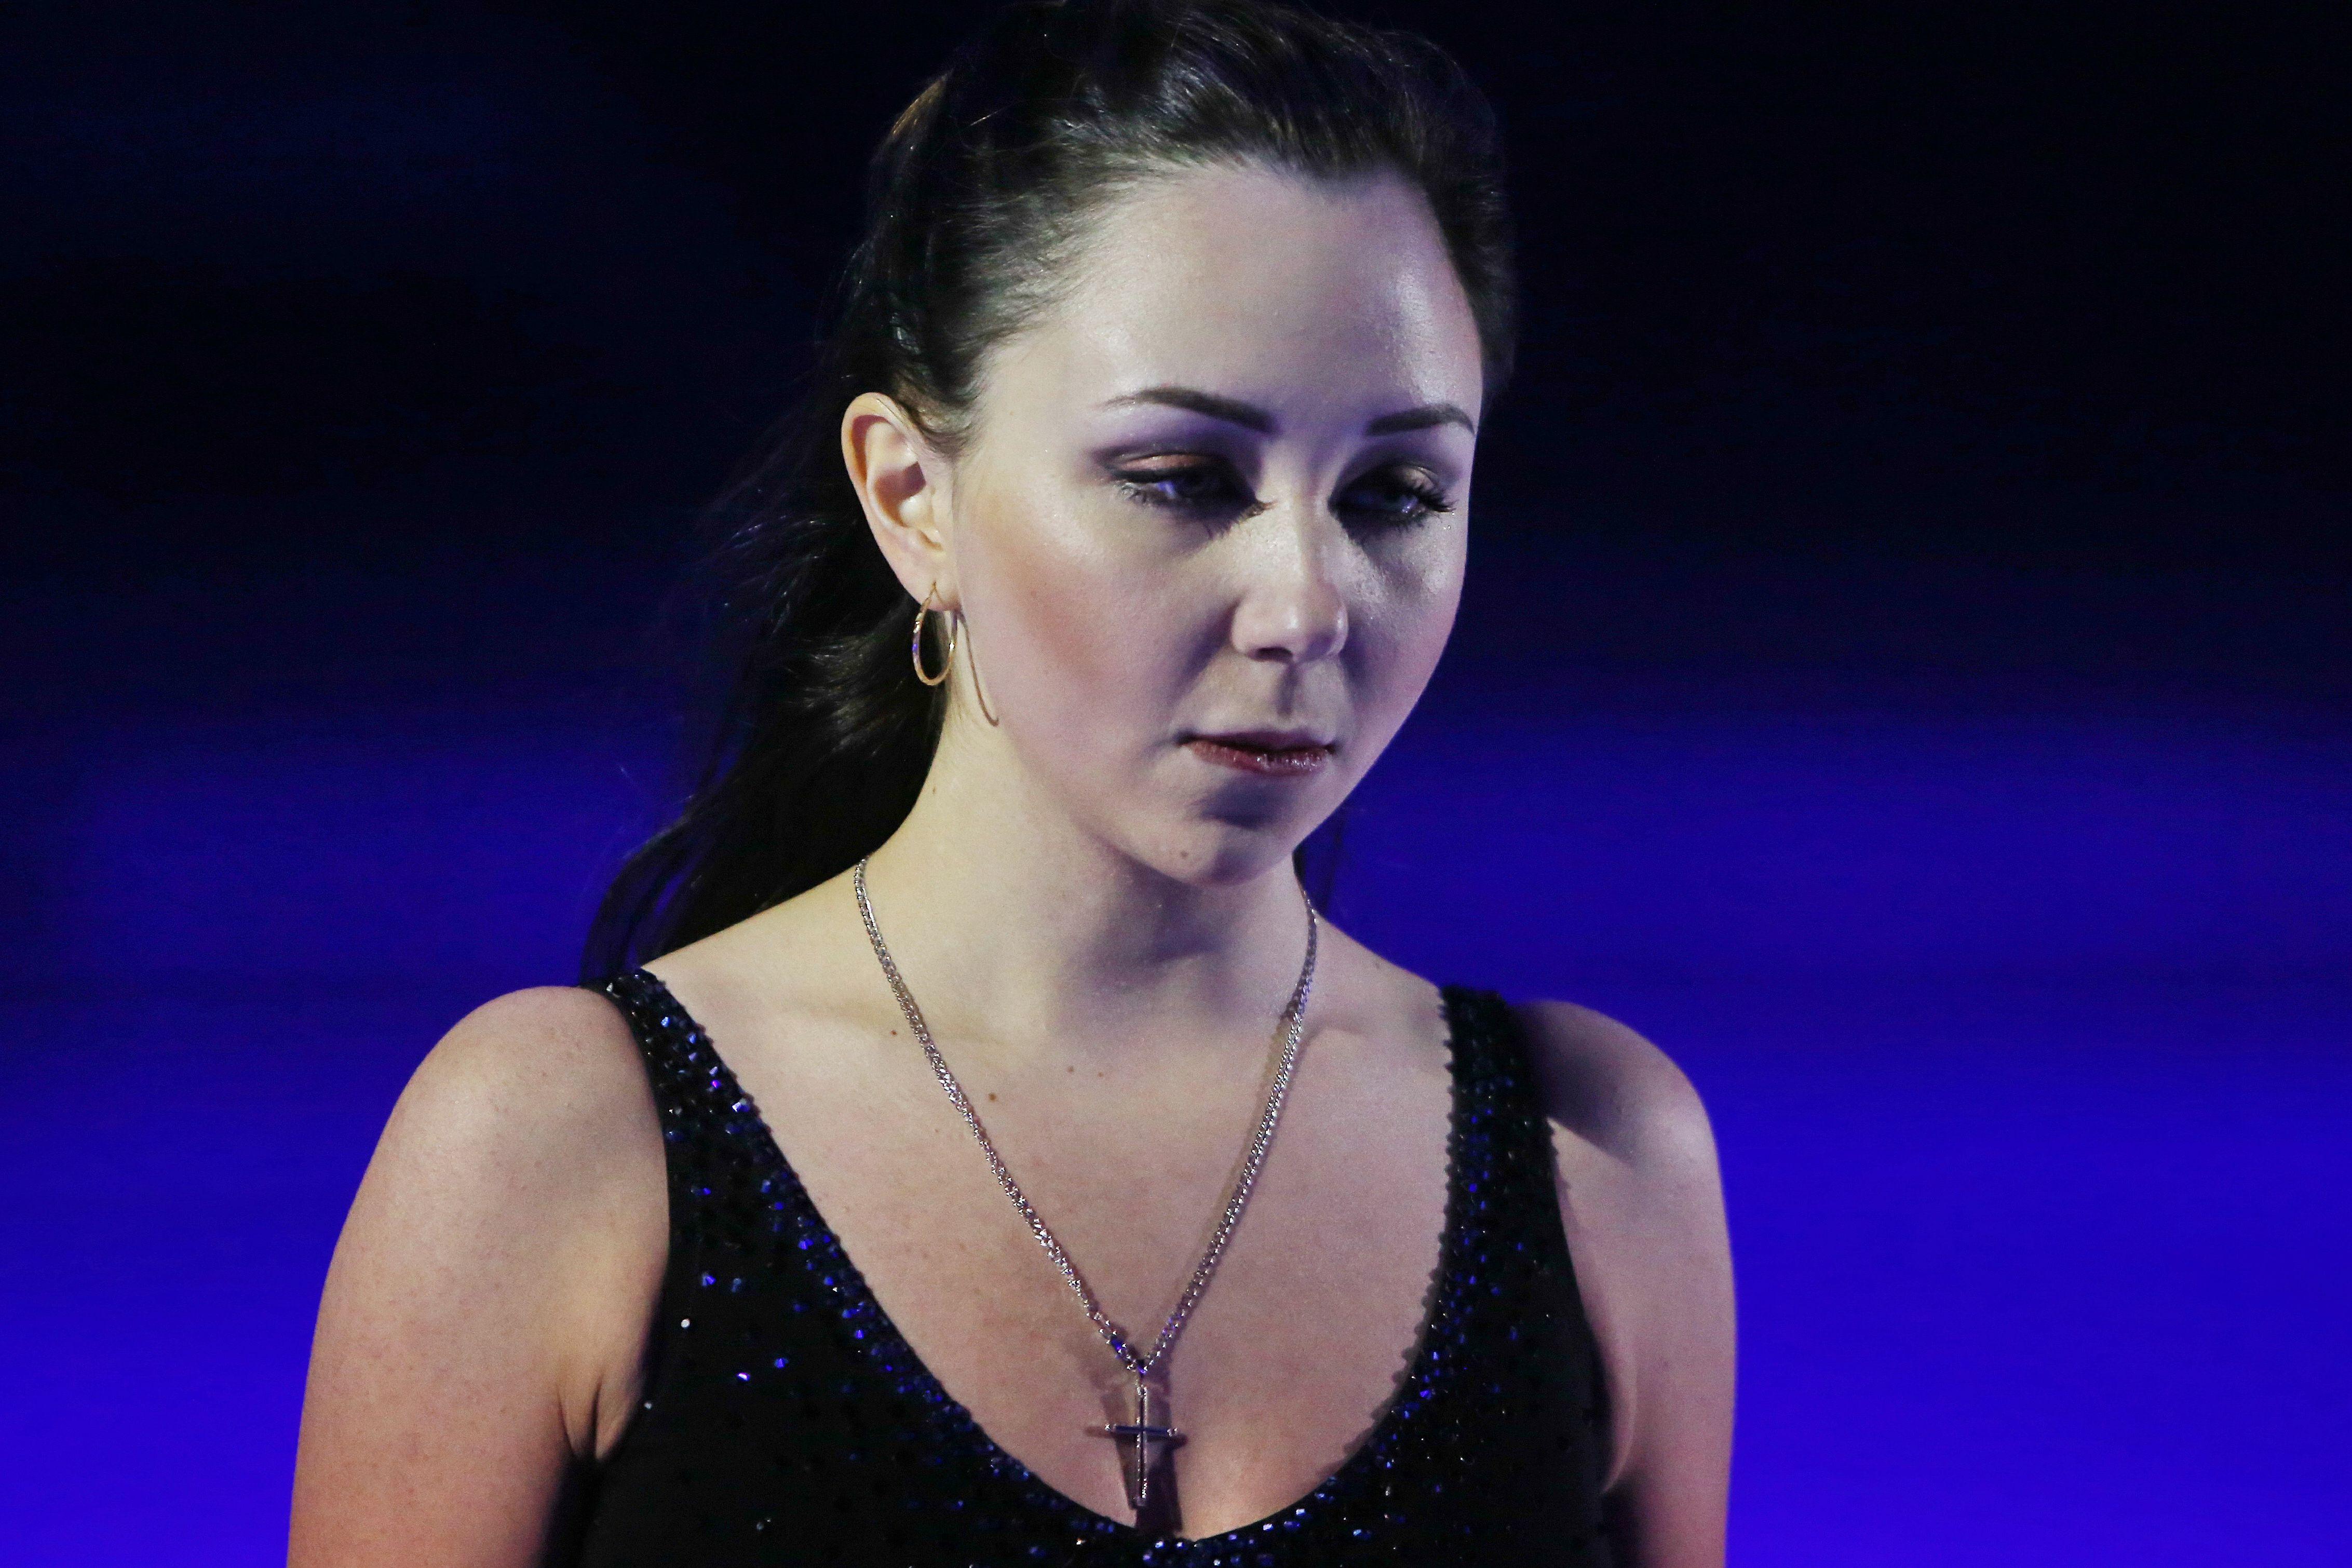 Туктамышева показала видео из раздевалки с подготовкой к выходу на лёд (ВИДЕО)